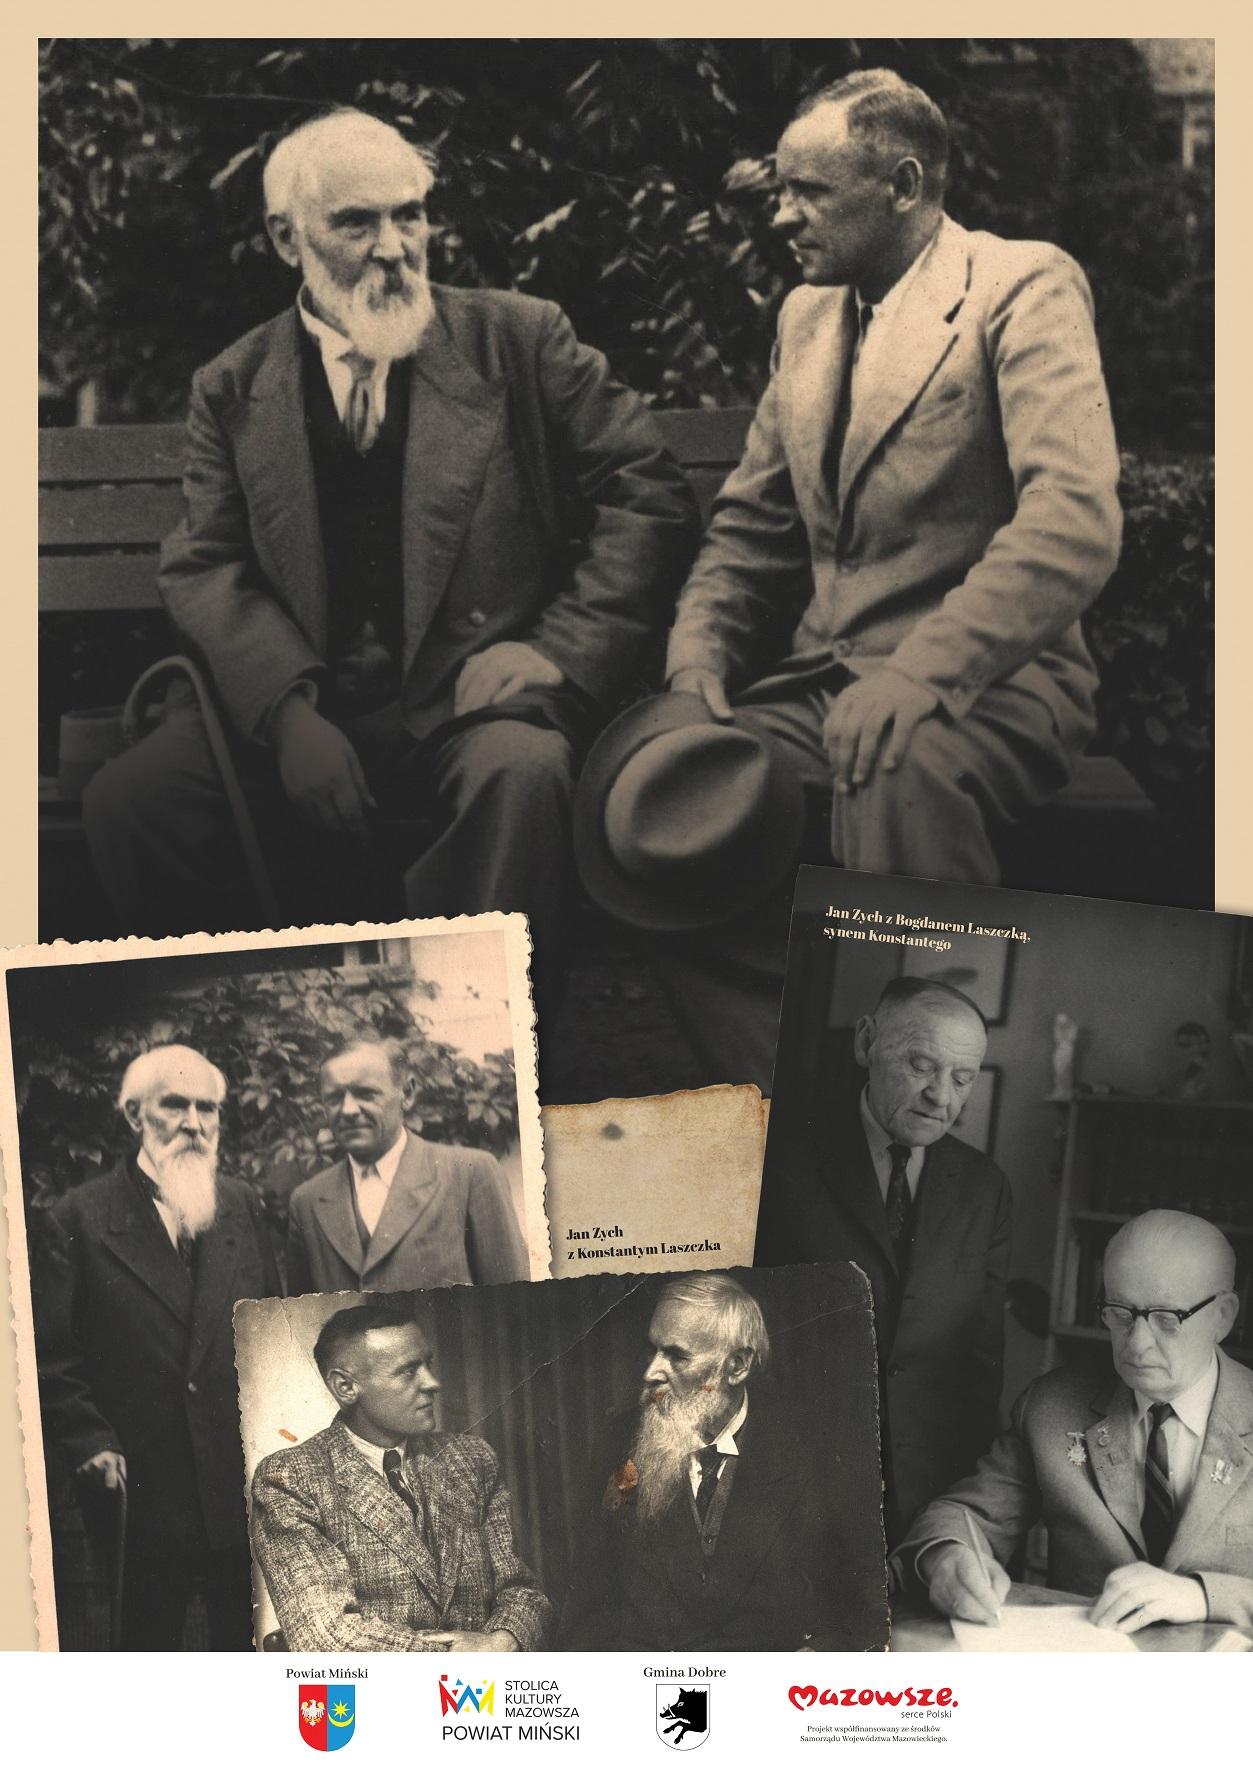 Biało - czarne fotografie przedstawiające mężczyznę z białą brodą oraz z młodszych mężczyzną